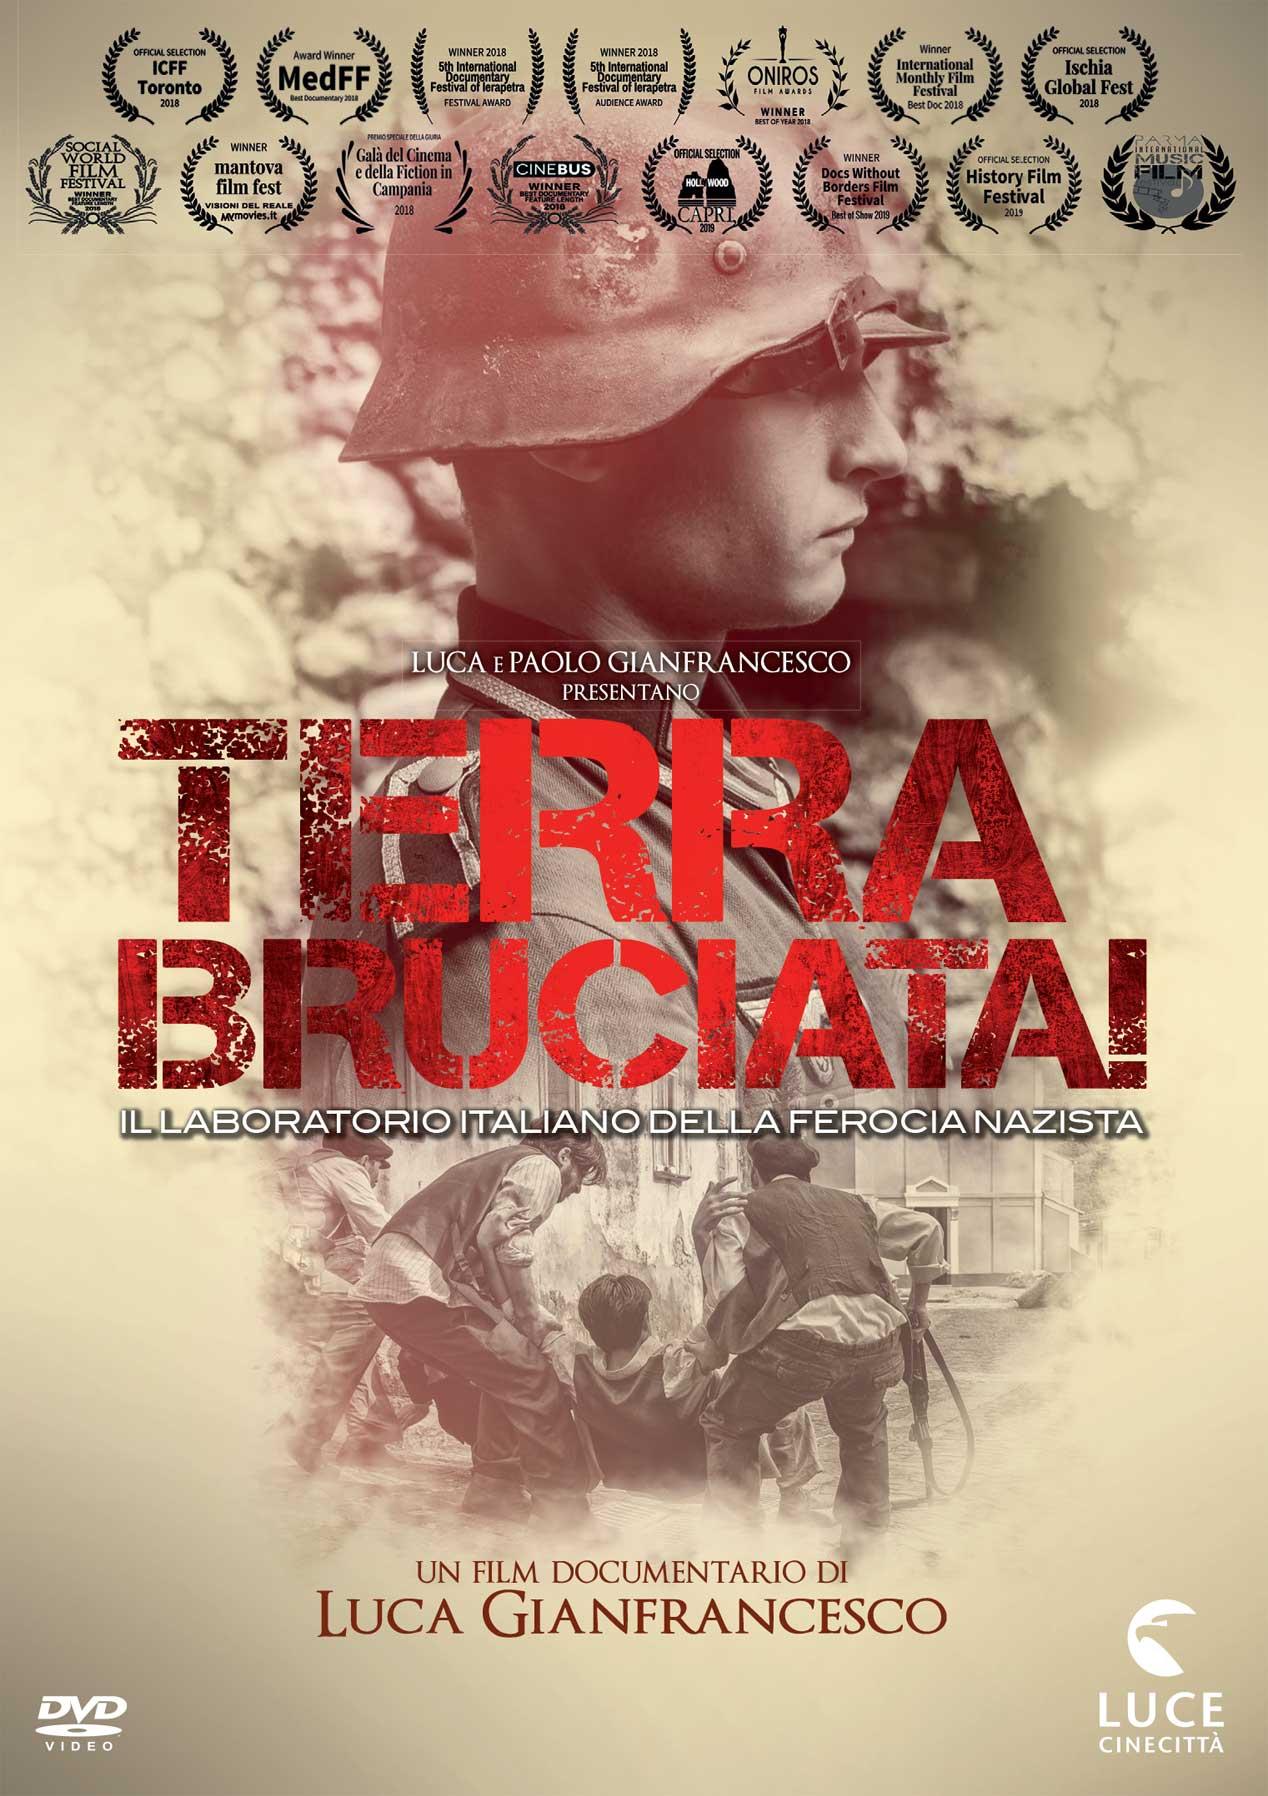 TERRA BRUCIATA! IL LABORATORIO ITALIANO DELLA FEROCIA NAZISTA (D